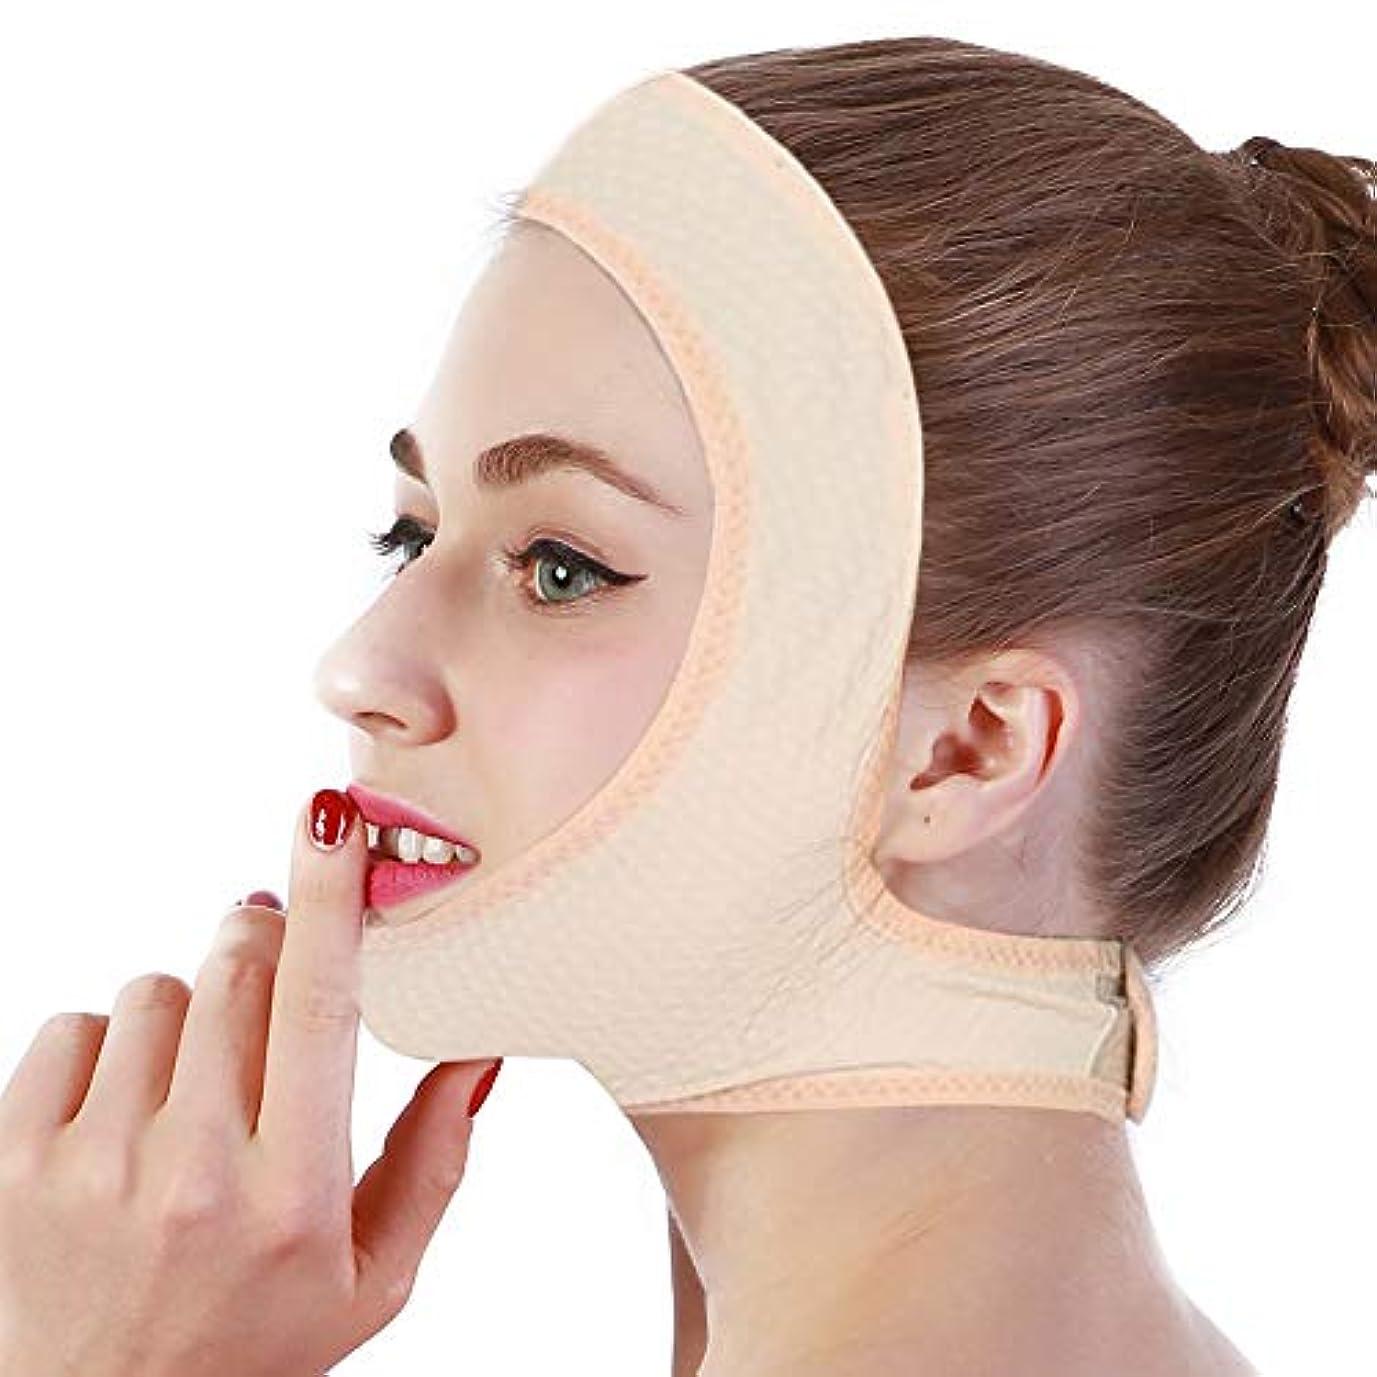 フェイスマッサージ肌の色フェイスリフティングマスク薄いあご矯正ツール顔の輪郭調整包帯